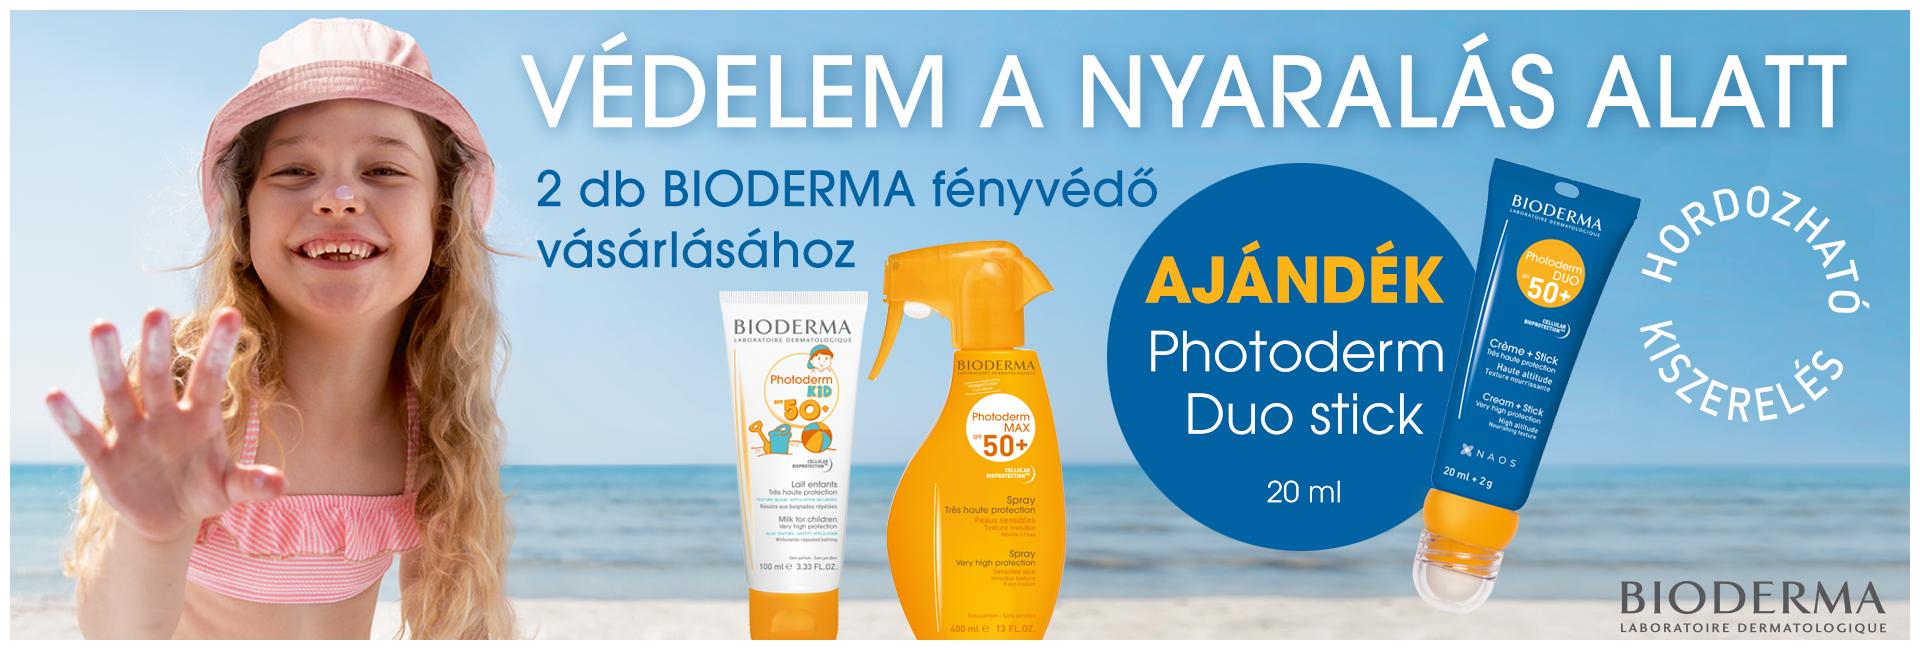 2020. július 16-31. között 2db minimum összesen 8.000 Ft értékű Bioderma Photoderm fényvédő rendelése esetén ajándékba adunk 1db Bioderma Photoderm DUO SPF50+ 20ml-t 4.000 Ft értékben!